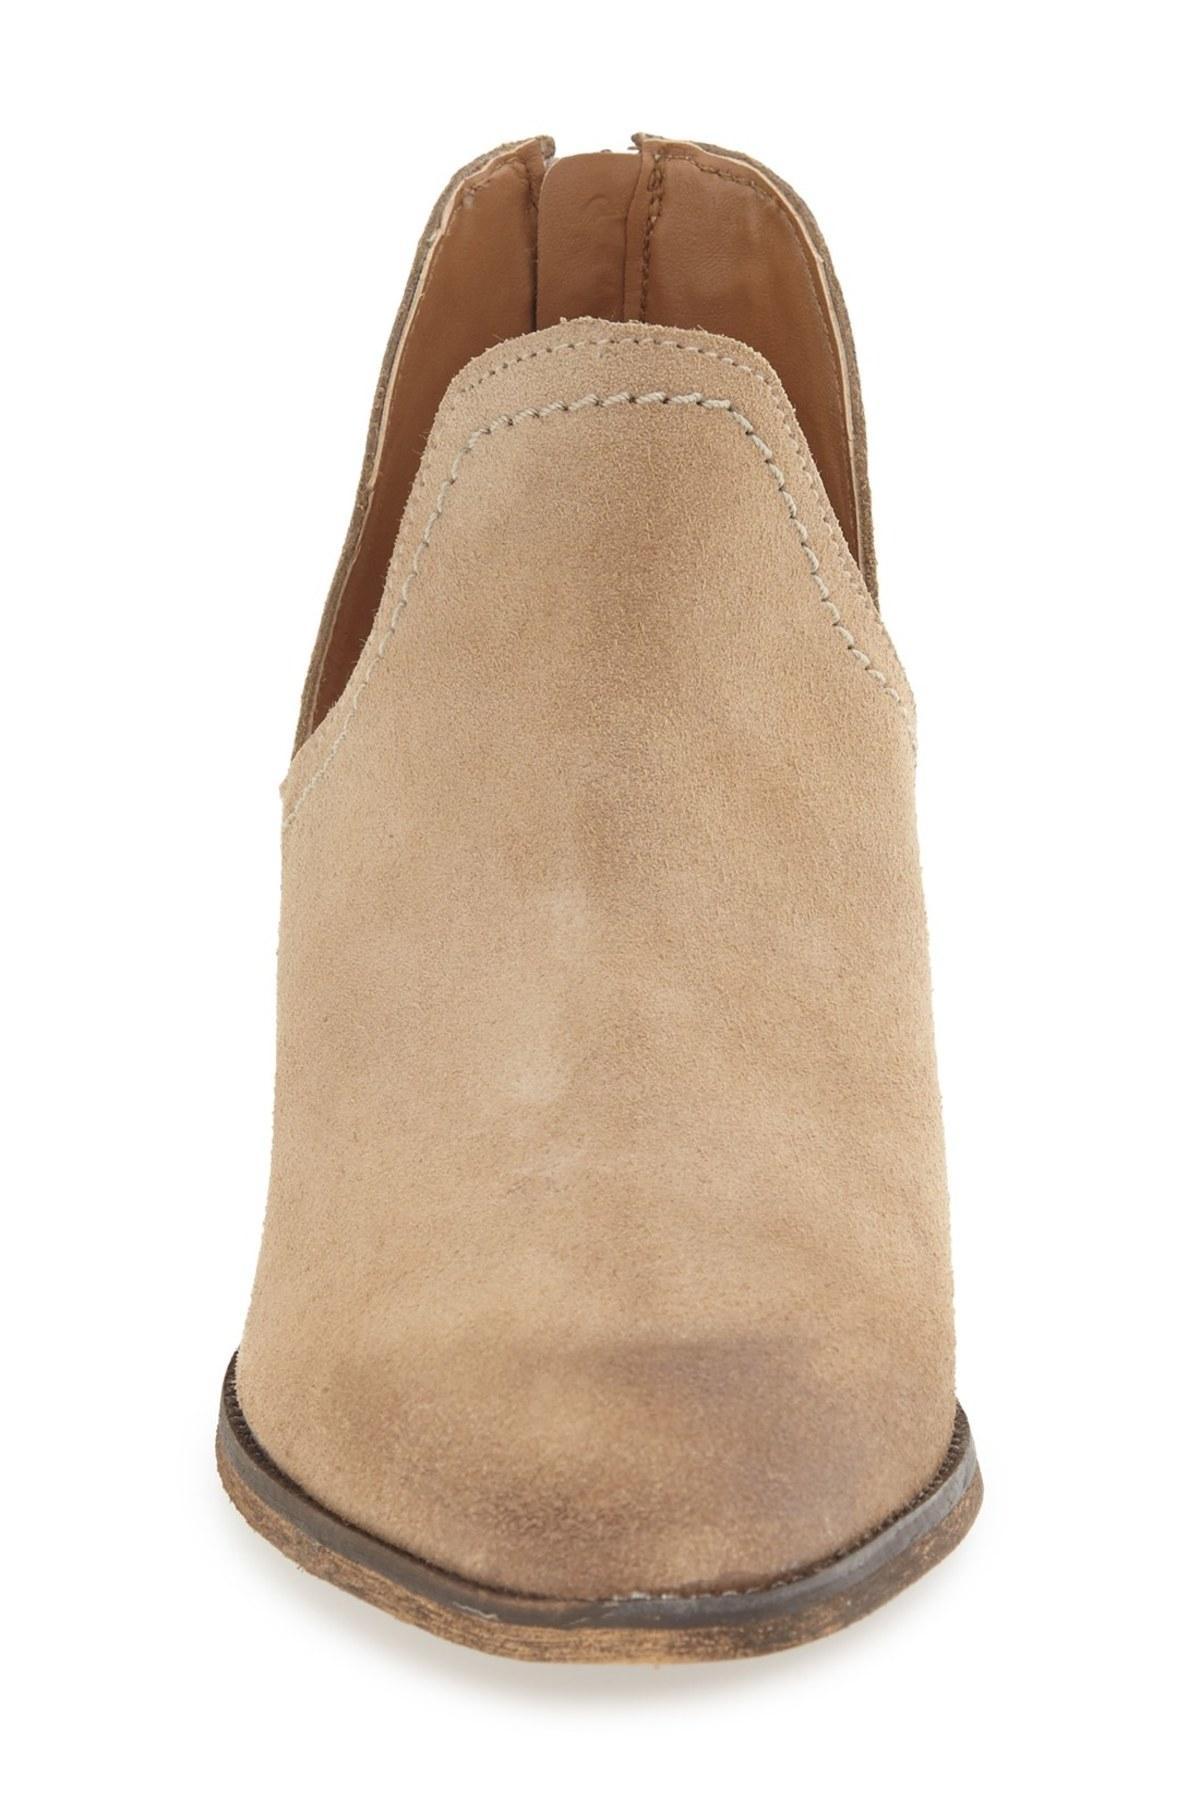 Klub Nico Shoes Uk